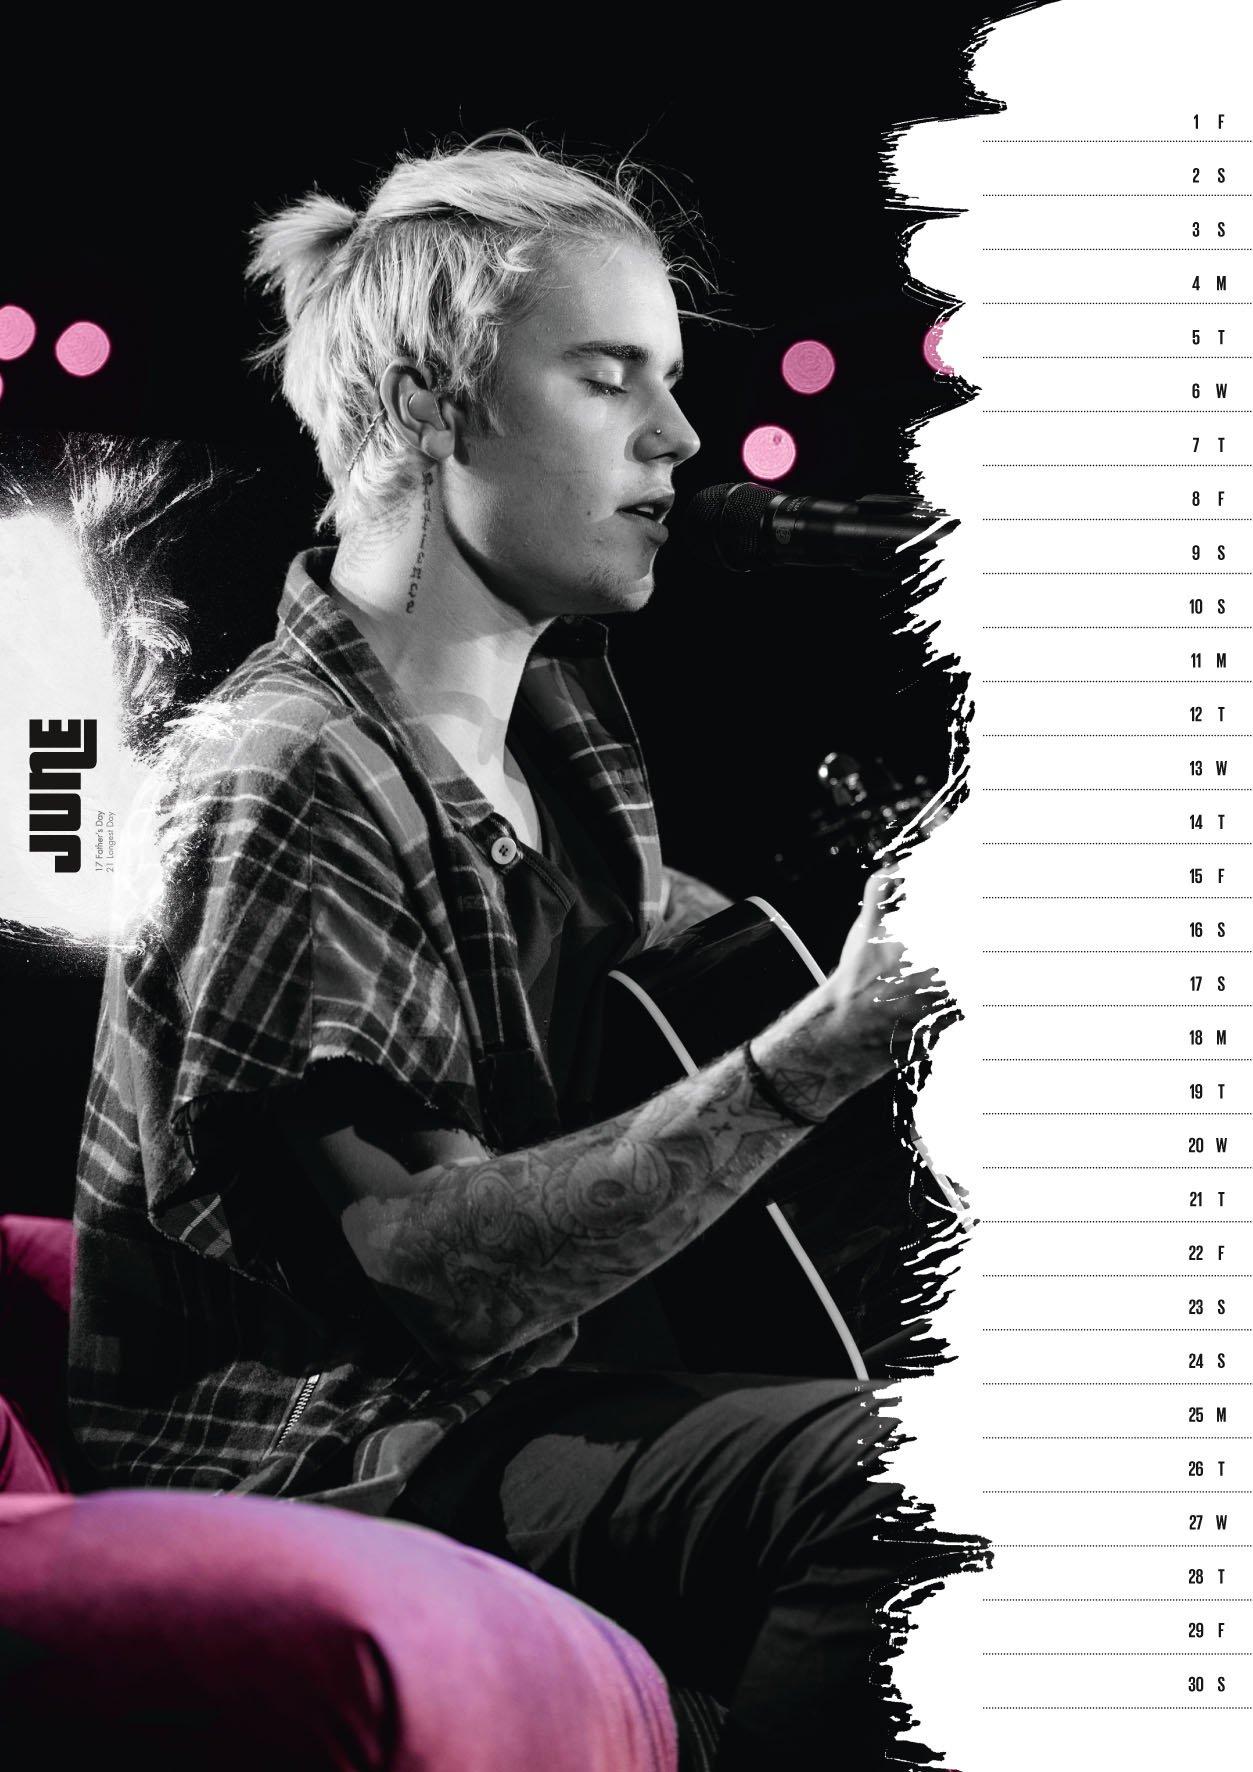 Justin Bieber Official 2018 Calendar - A3 Poster Format (calendar